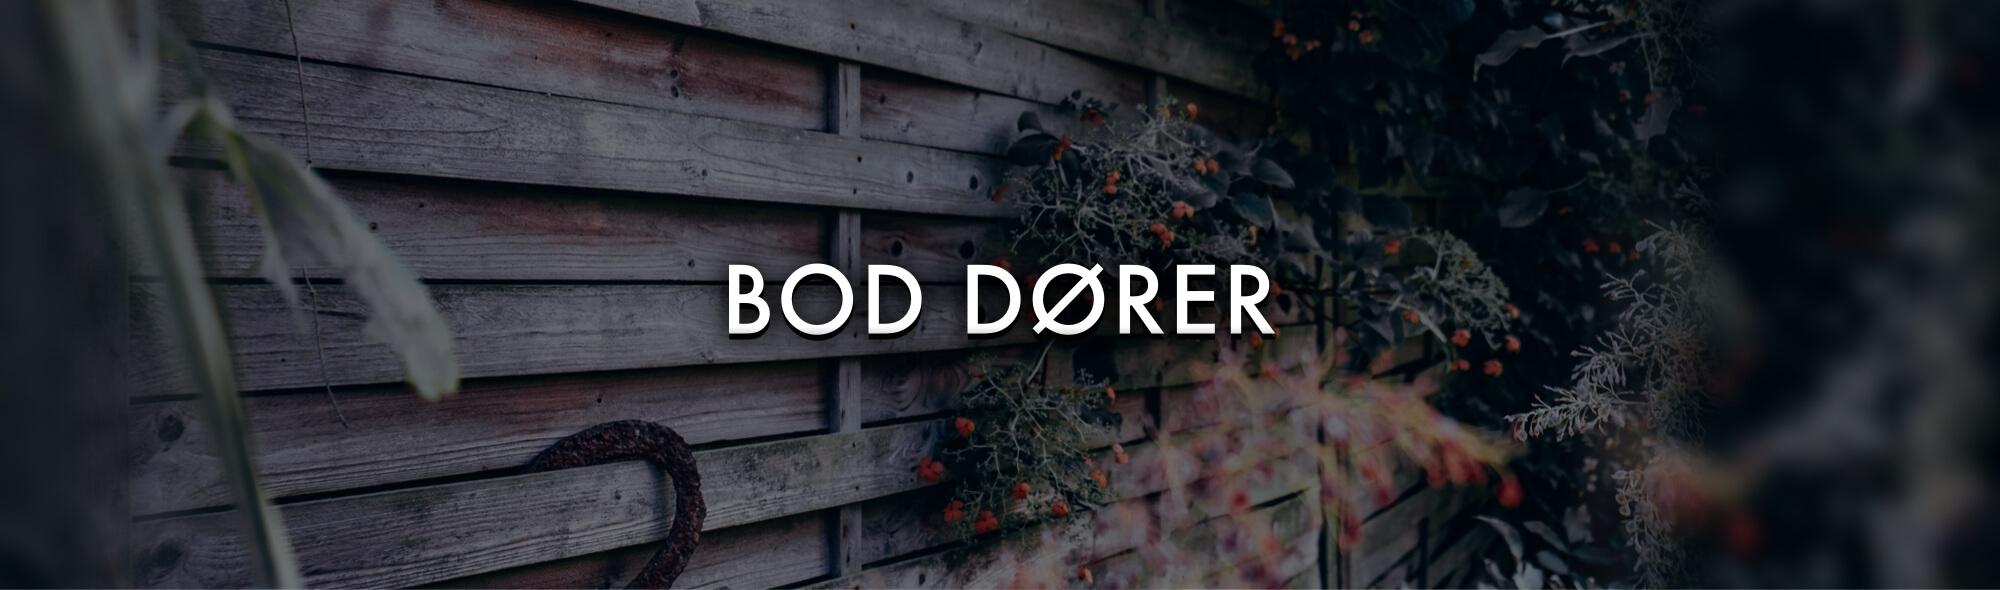 BODDØRER